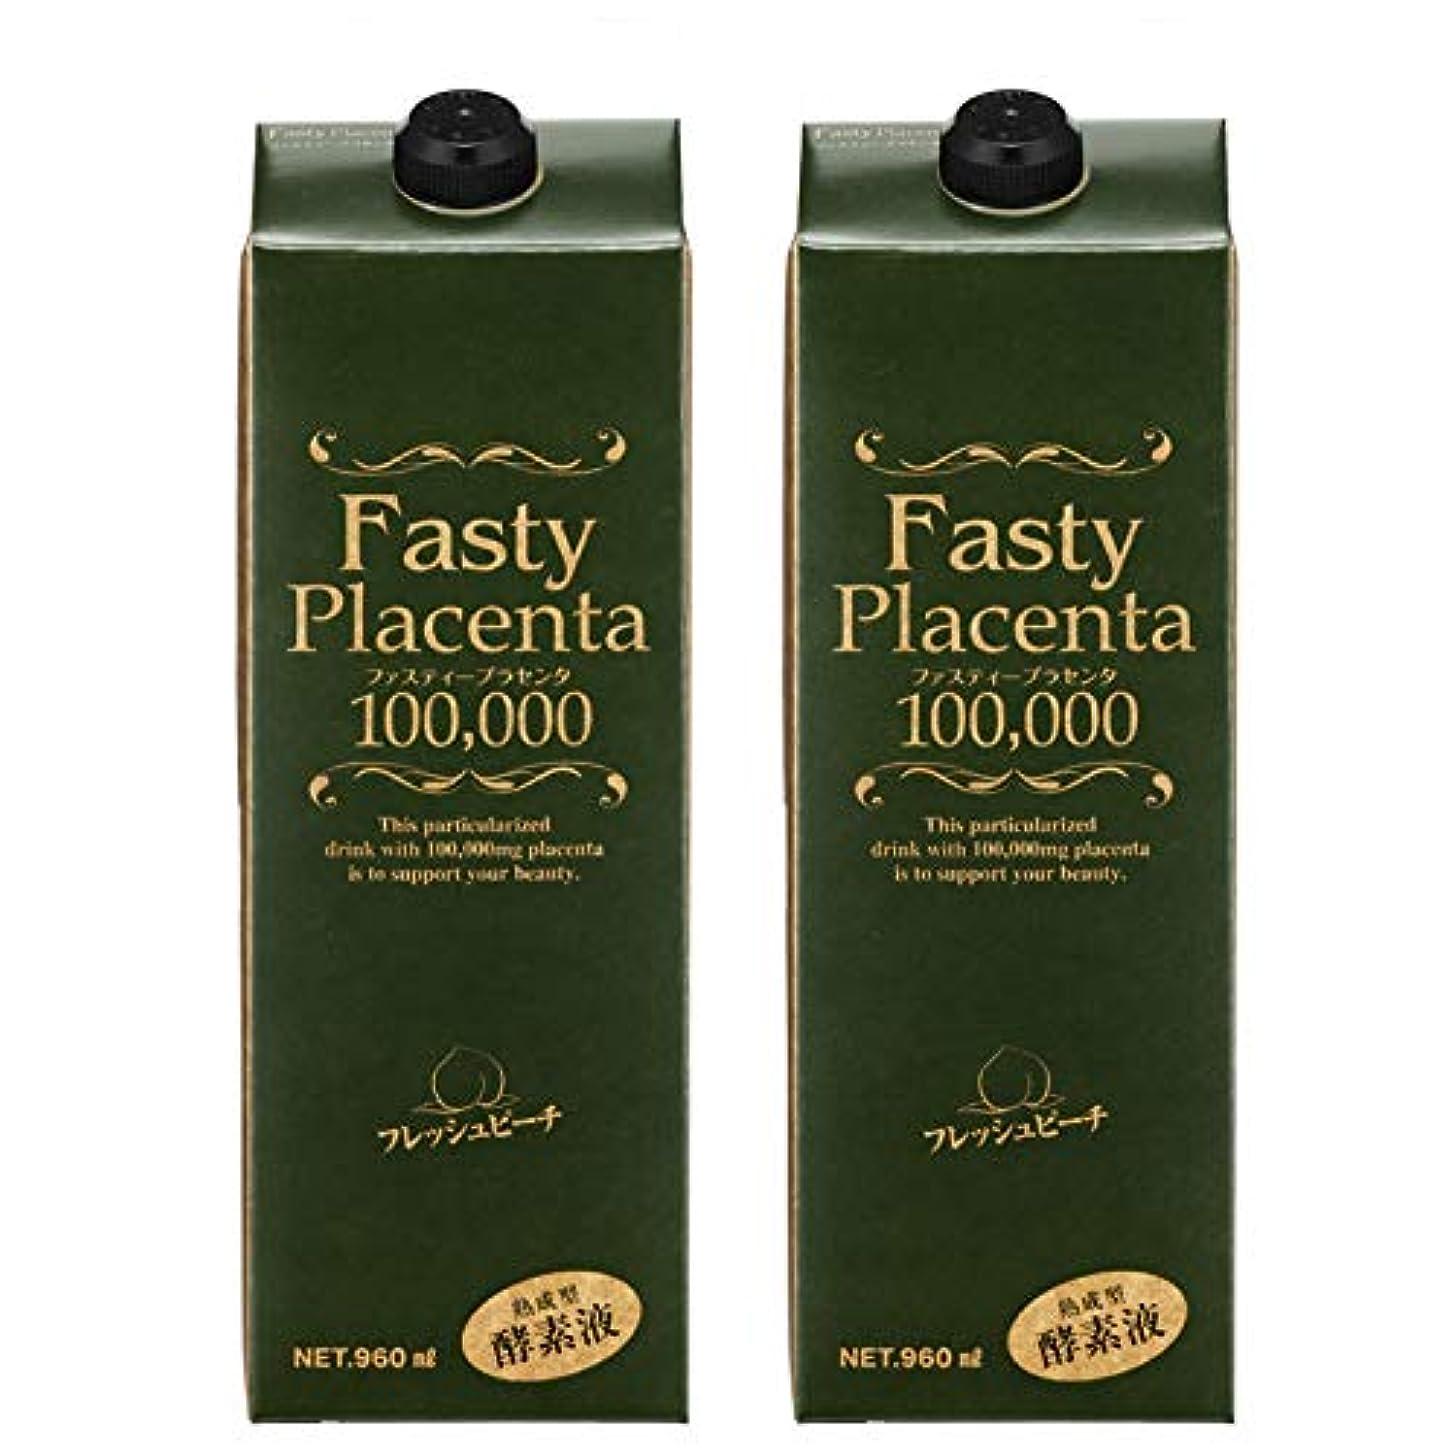 現れる煙付添人ファスティープラセンタ100,000 増量パック(フレッシュピーチ味) 2本